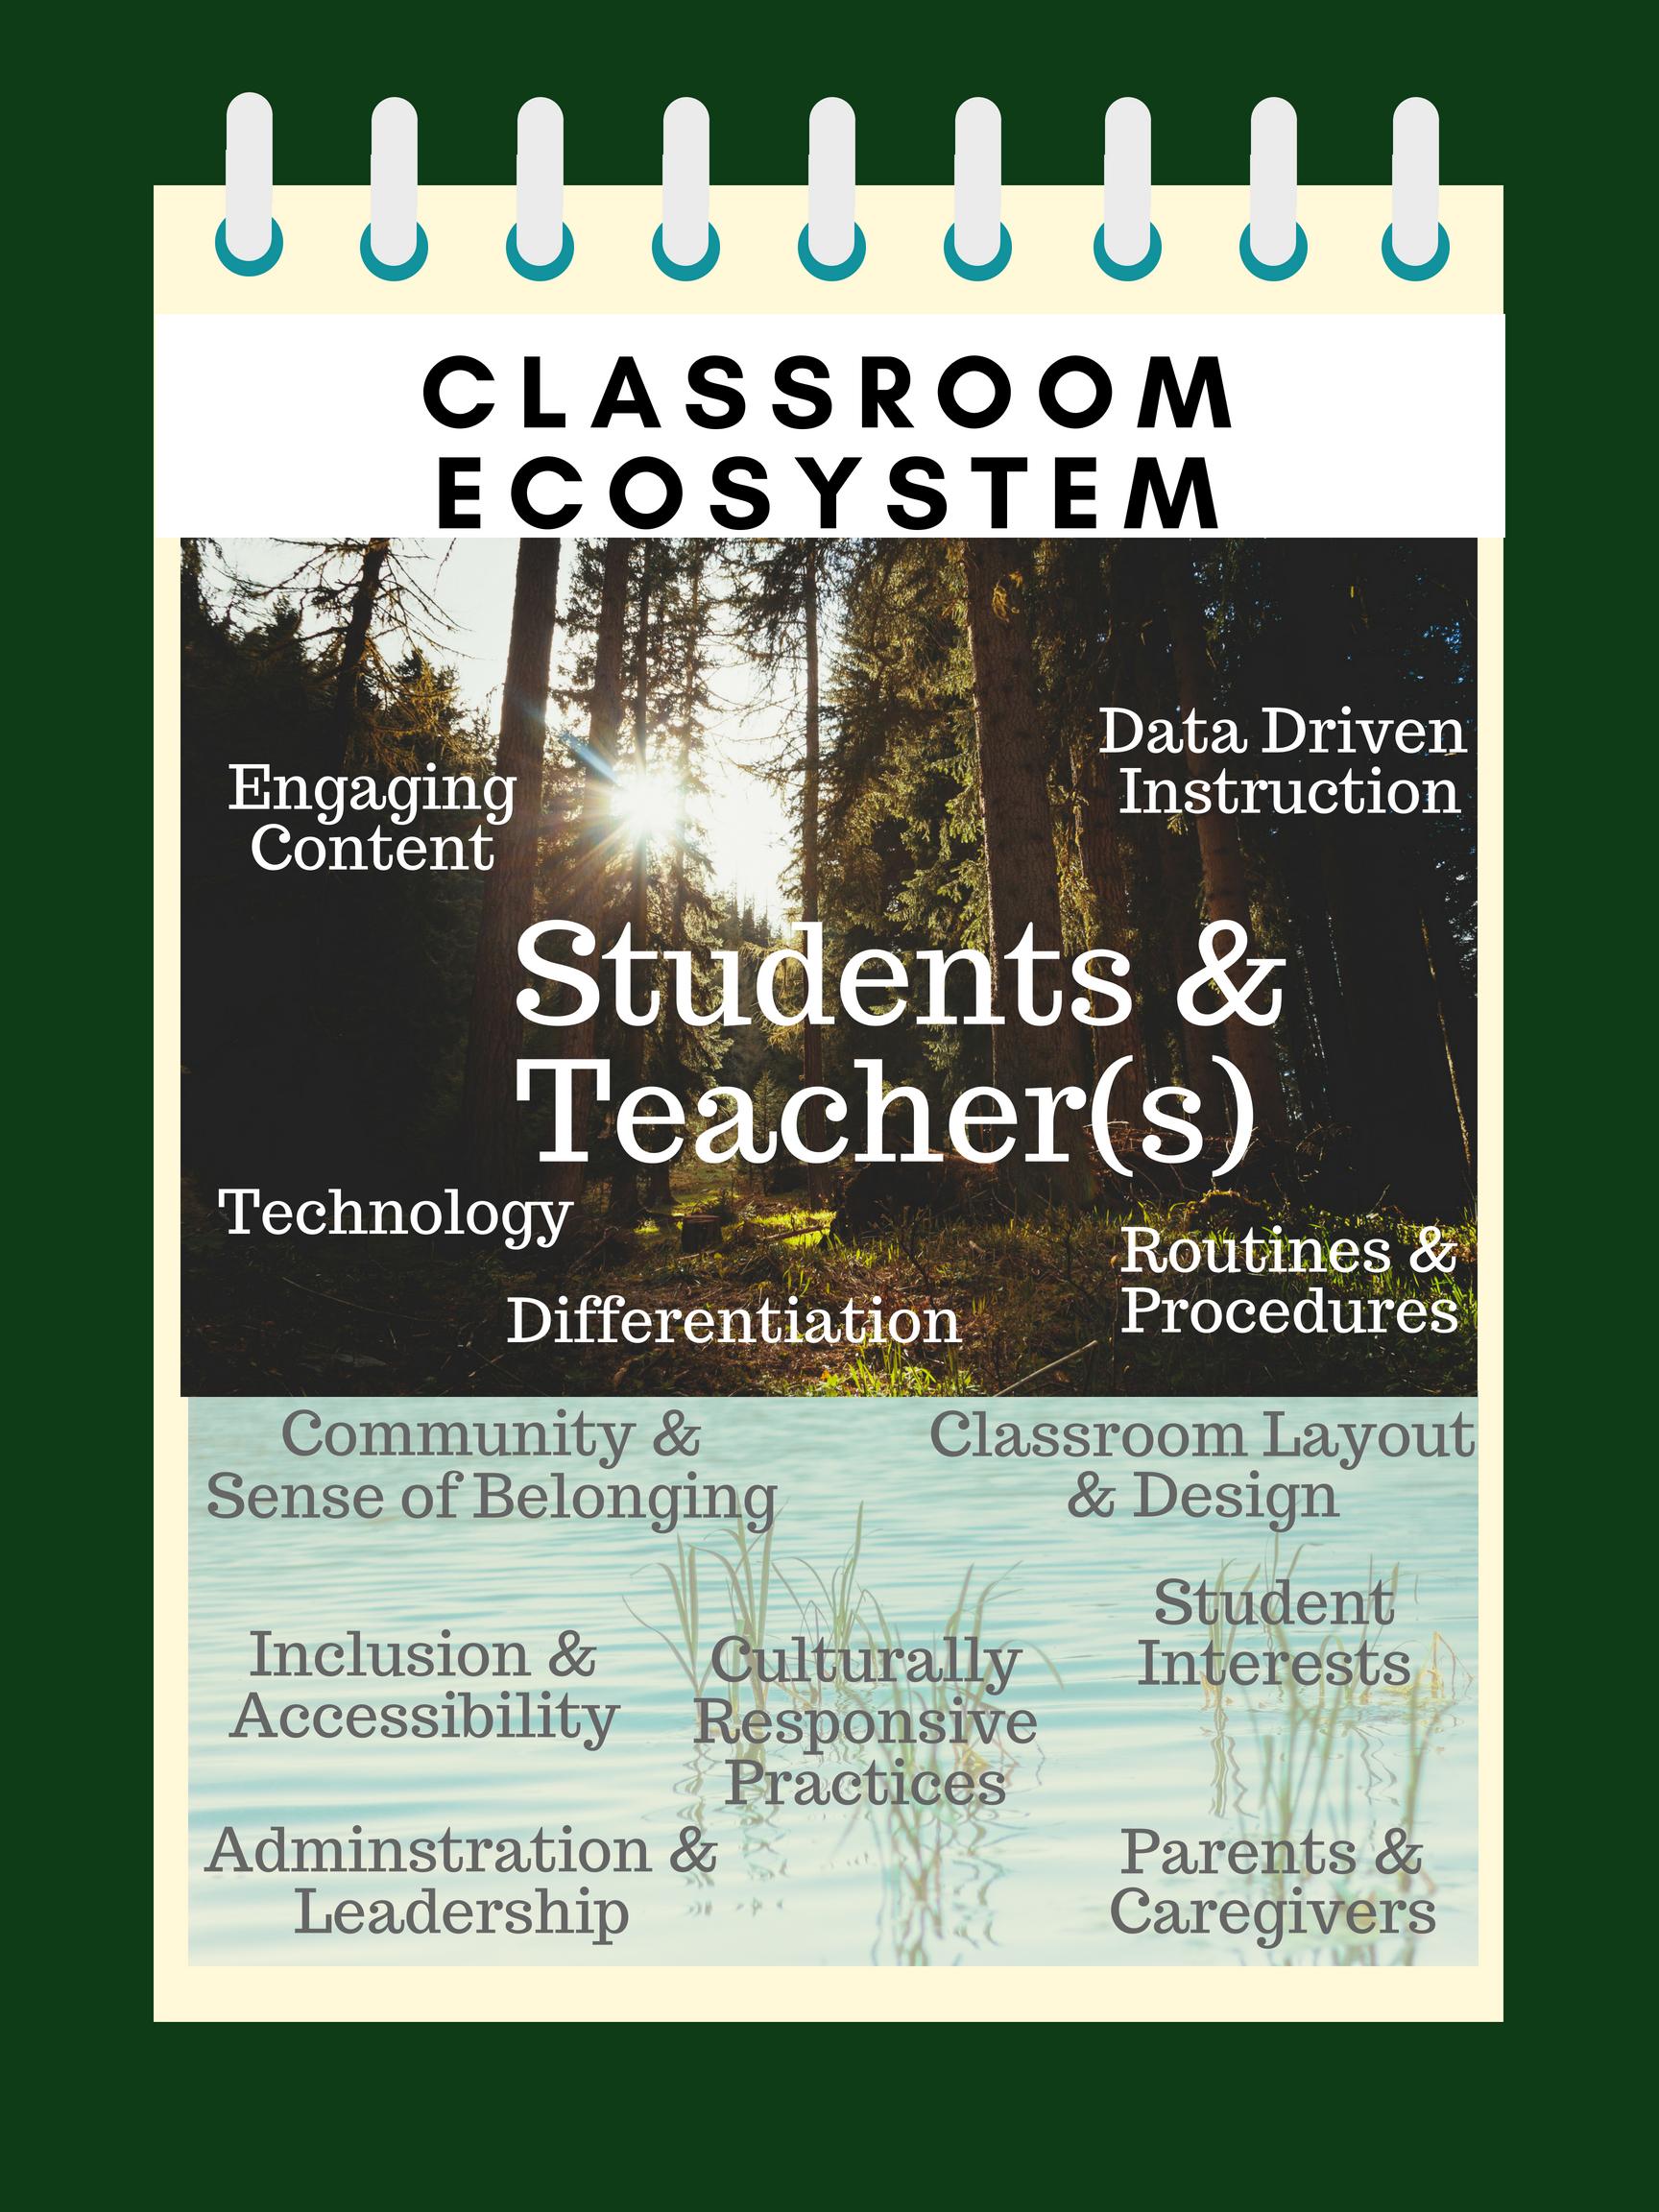 Classroom Ecosystem_rev.jpg